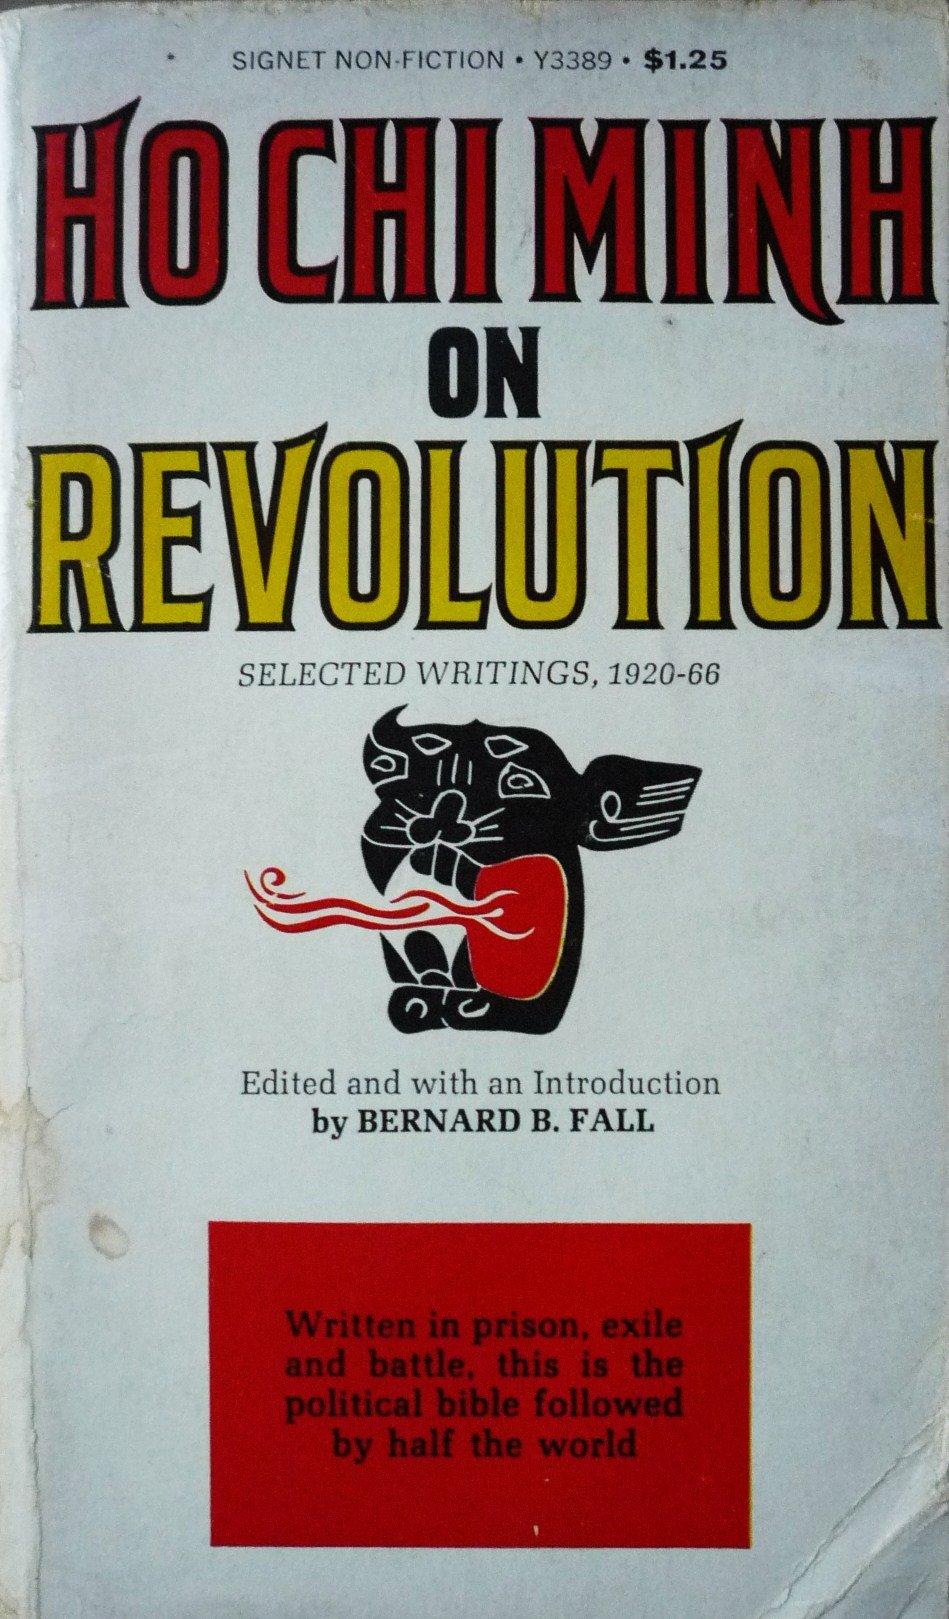 Ho Chi Minh on Revolution, Minh, Ho Chi